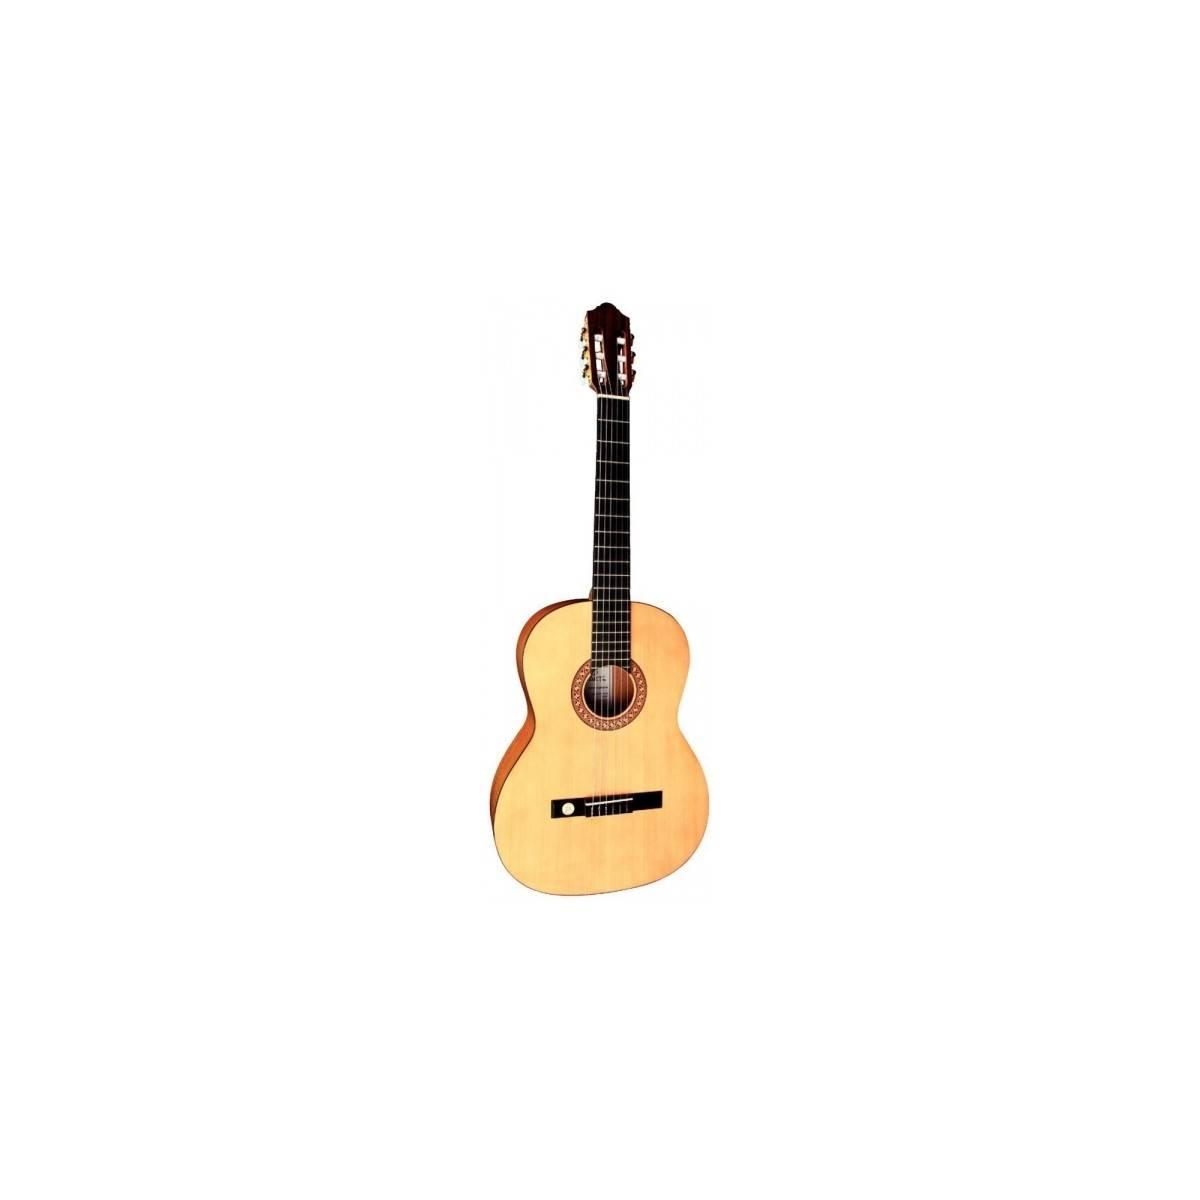 Guitare Classique 4/4 GC 130 II